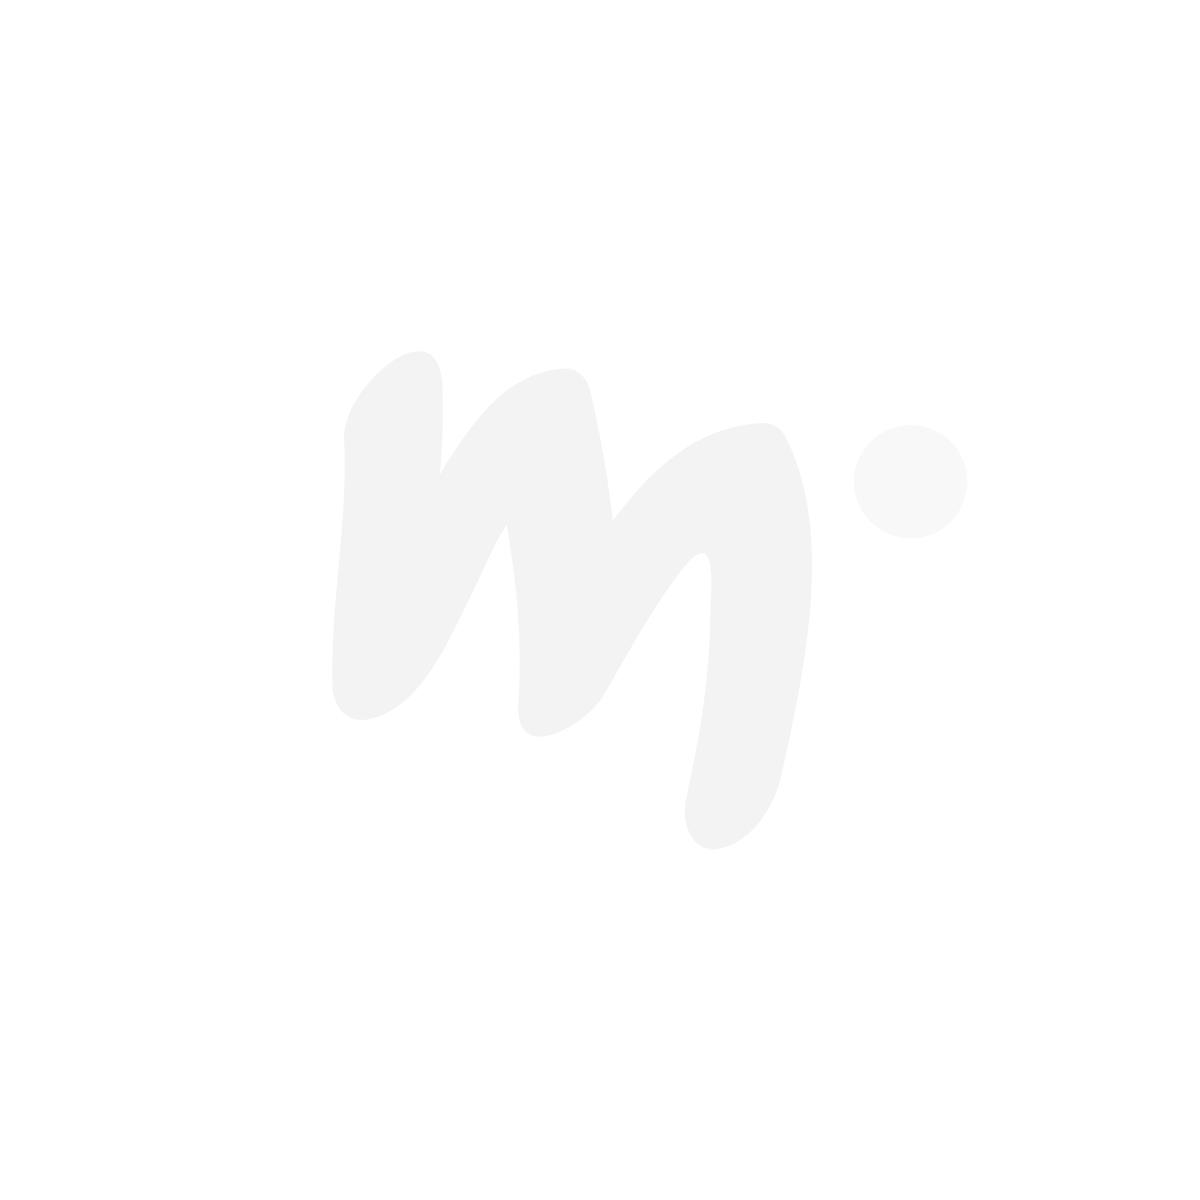 Muumi Nuuskamuikkunen-kylpylelu